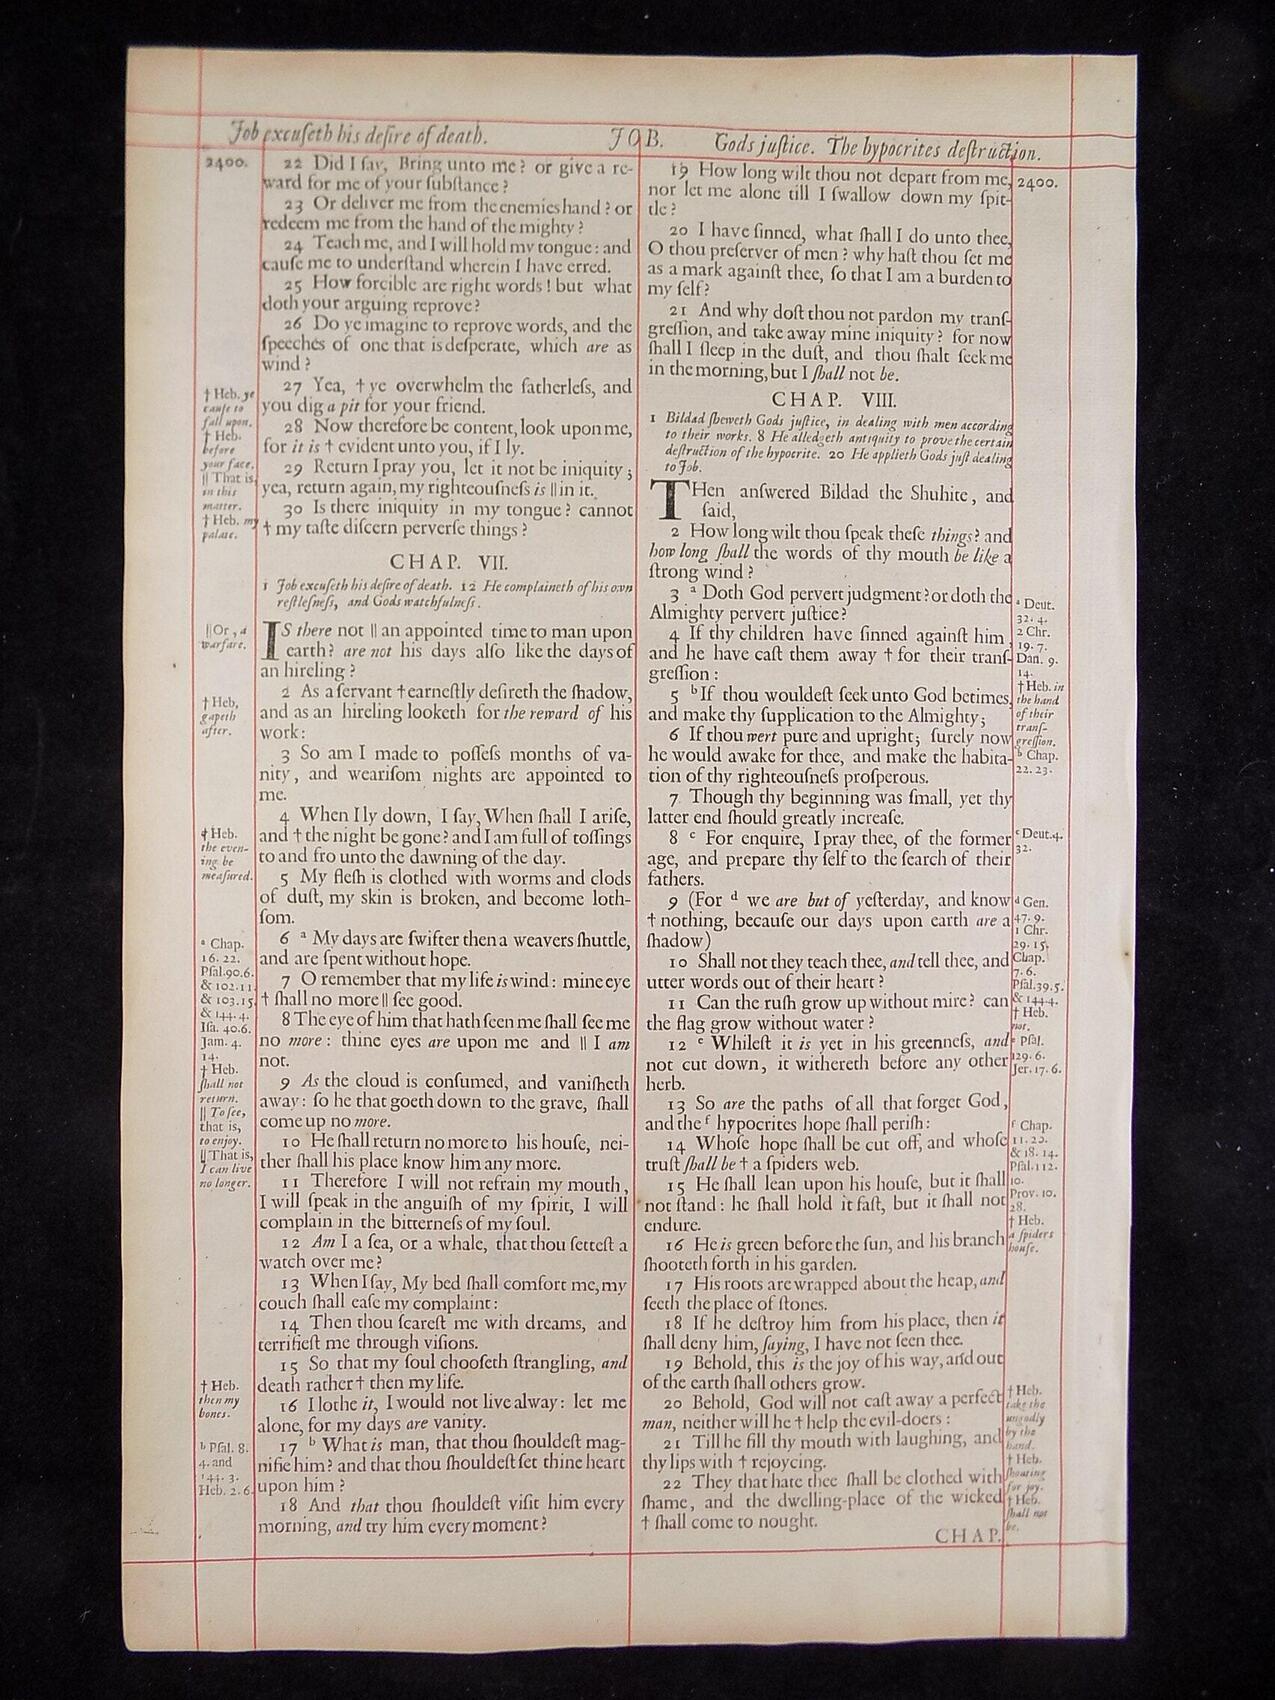 1680 OXFORD KJV JOB LEAVES